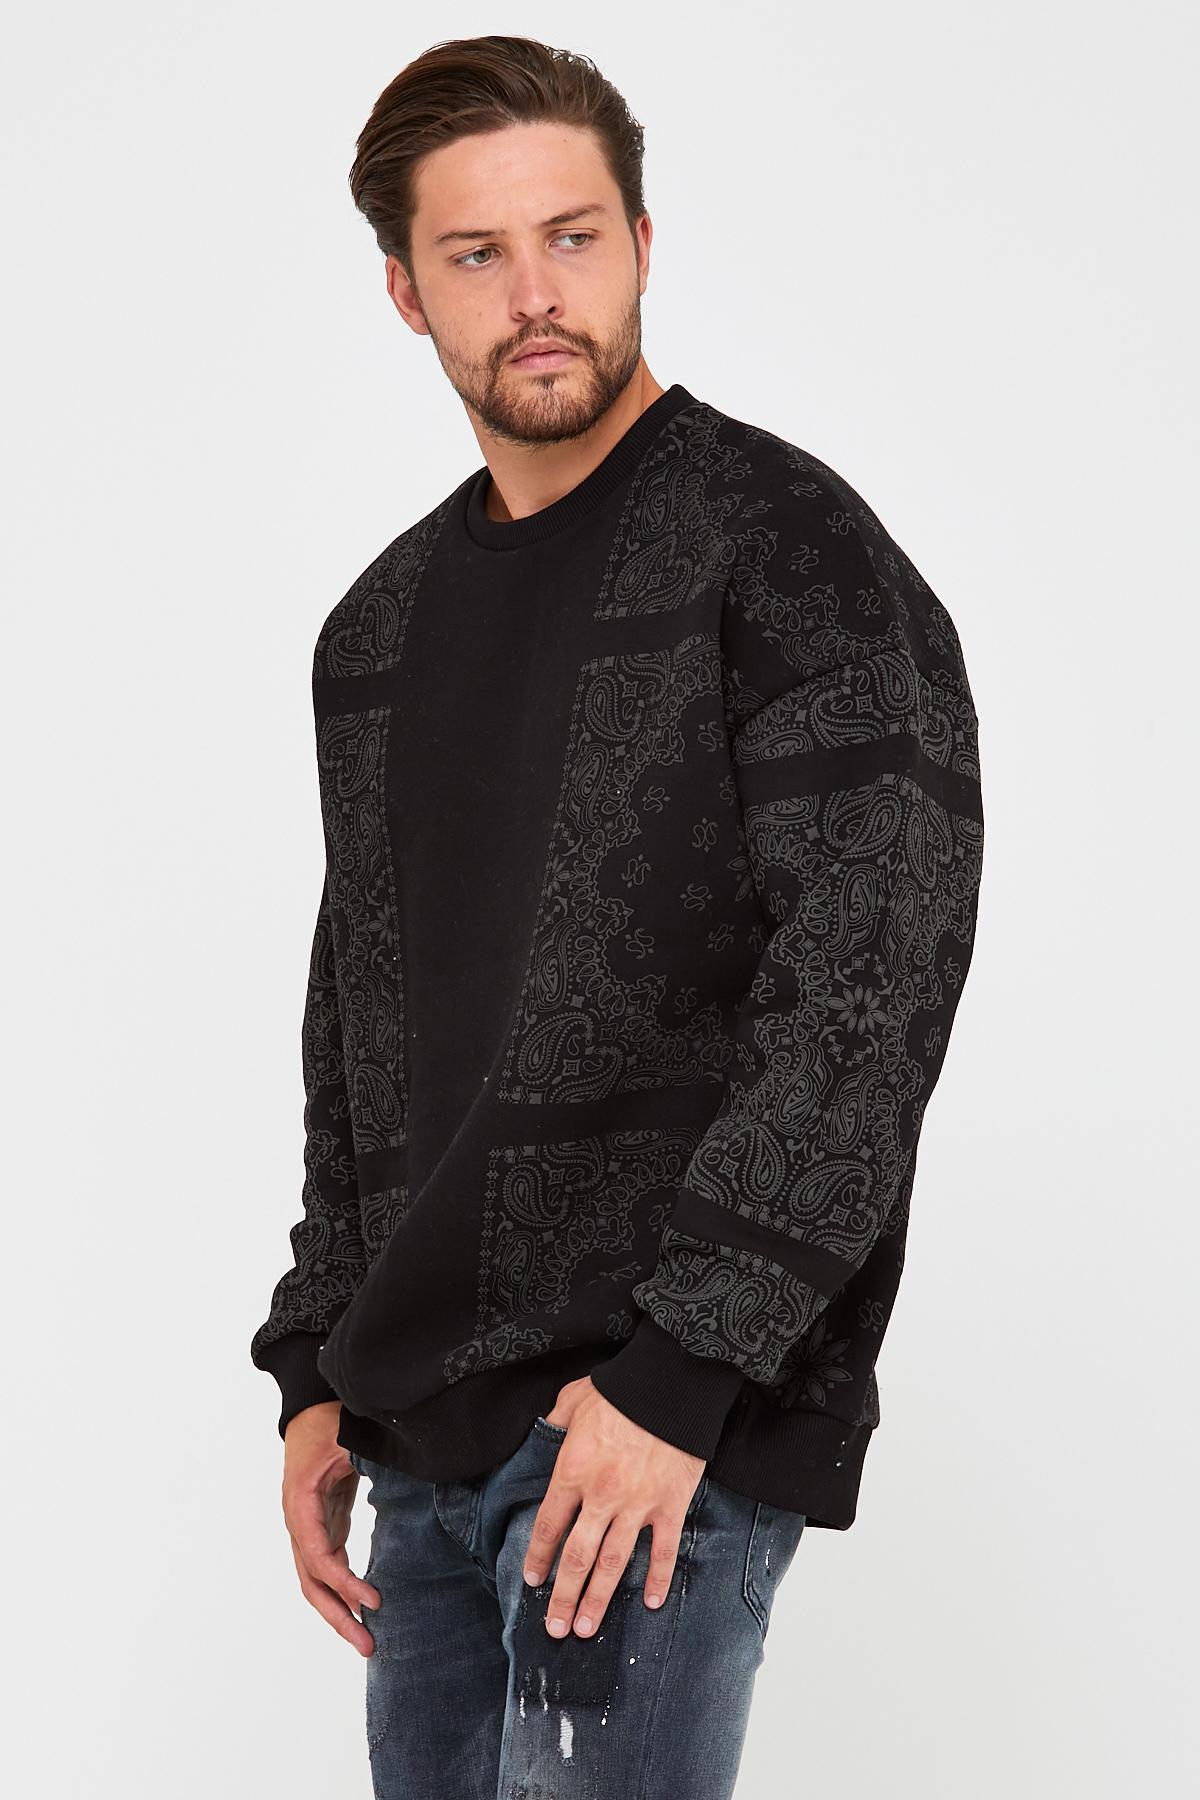 Siyah Üç İplik Baskılı Sweatshirt 2KXE8-45499-02